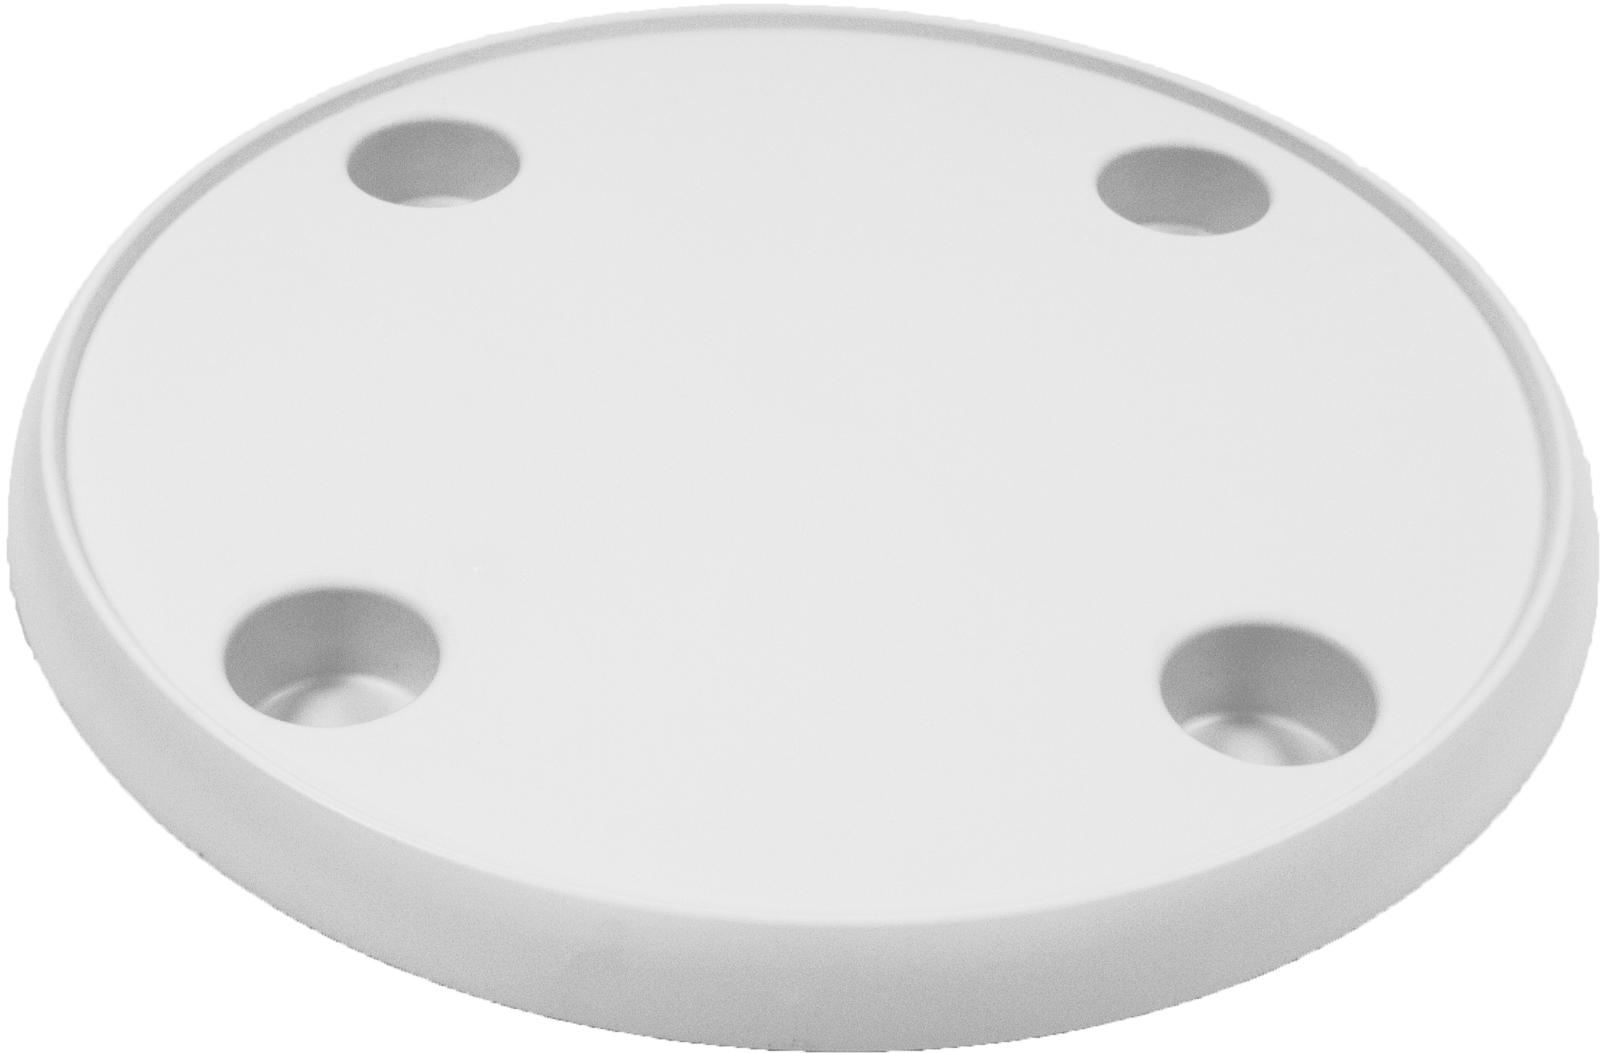 189927-TR, Tischset, rund, cm, Platte 61 cm, rund, abnehmbar für Stiefel oder Wohnmobil 9b765b